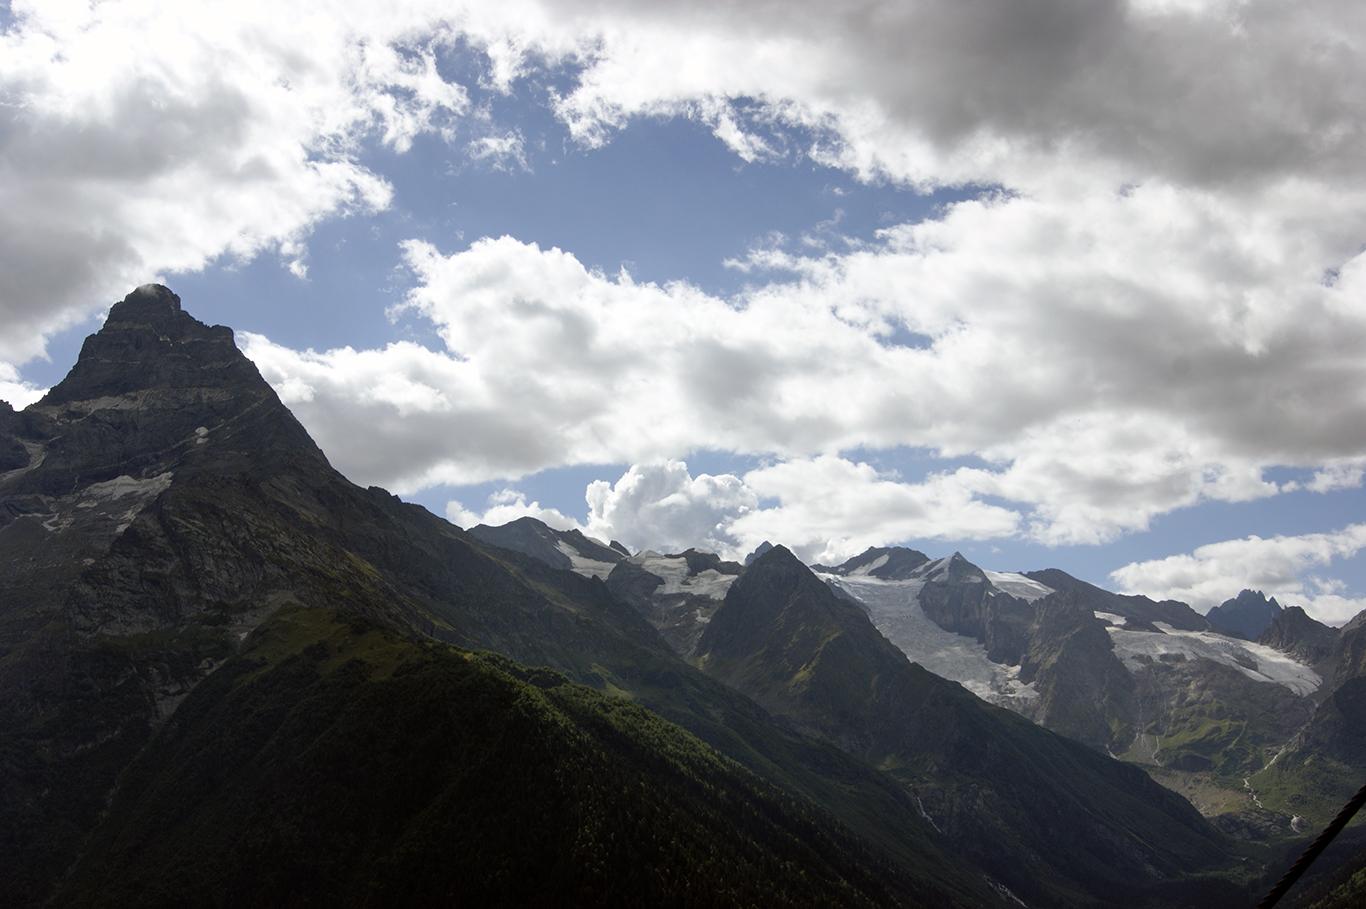 """Гора Белалакая (полосатая гора) и чуть дальше виден """"гордый красавец Эрцог"""", куда мы ещё отправимся"""